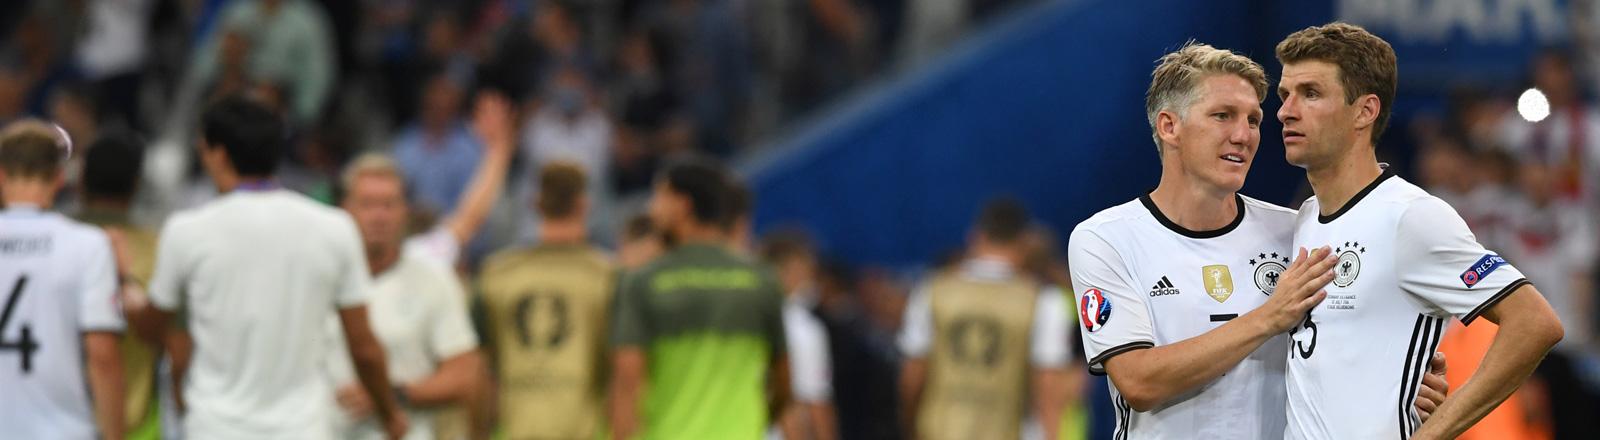 Nach dem Halbfinale Deutschland gegen Frankreich stehen Bastian Schweinsteiger und Thomas Müller nebeneinander auf dem Feld. Schweinsteiger scheint Müller zu trosten; Foto: dpa